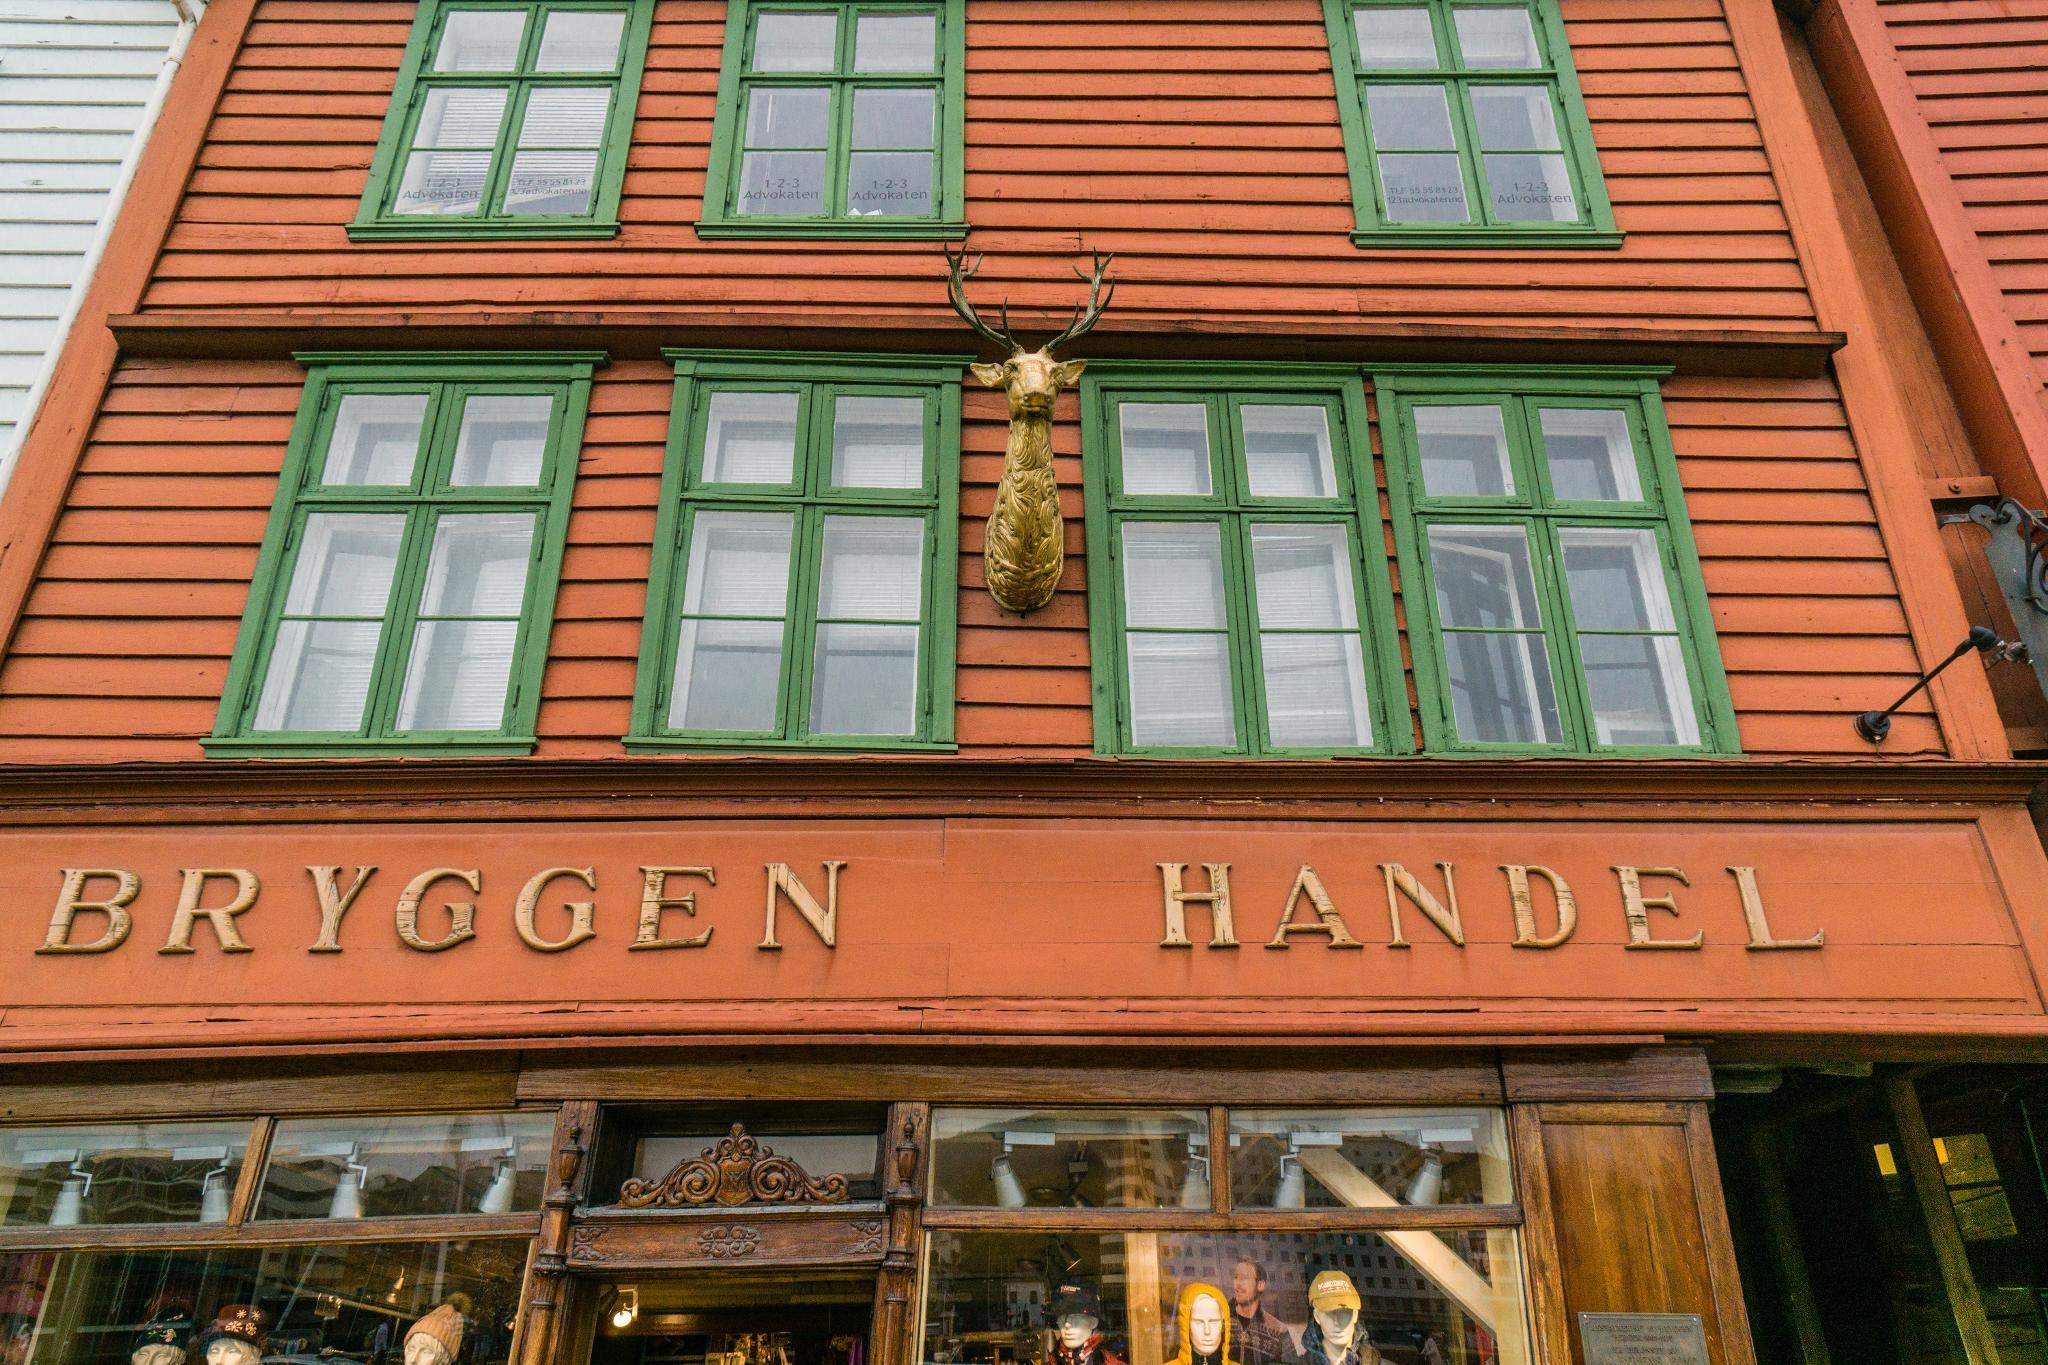 【卑爾根】Bryggen 世界遺產布呂根 — 迷失在百年歷史的挪威彩色木屋 11